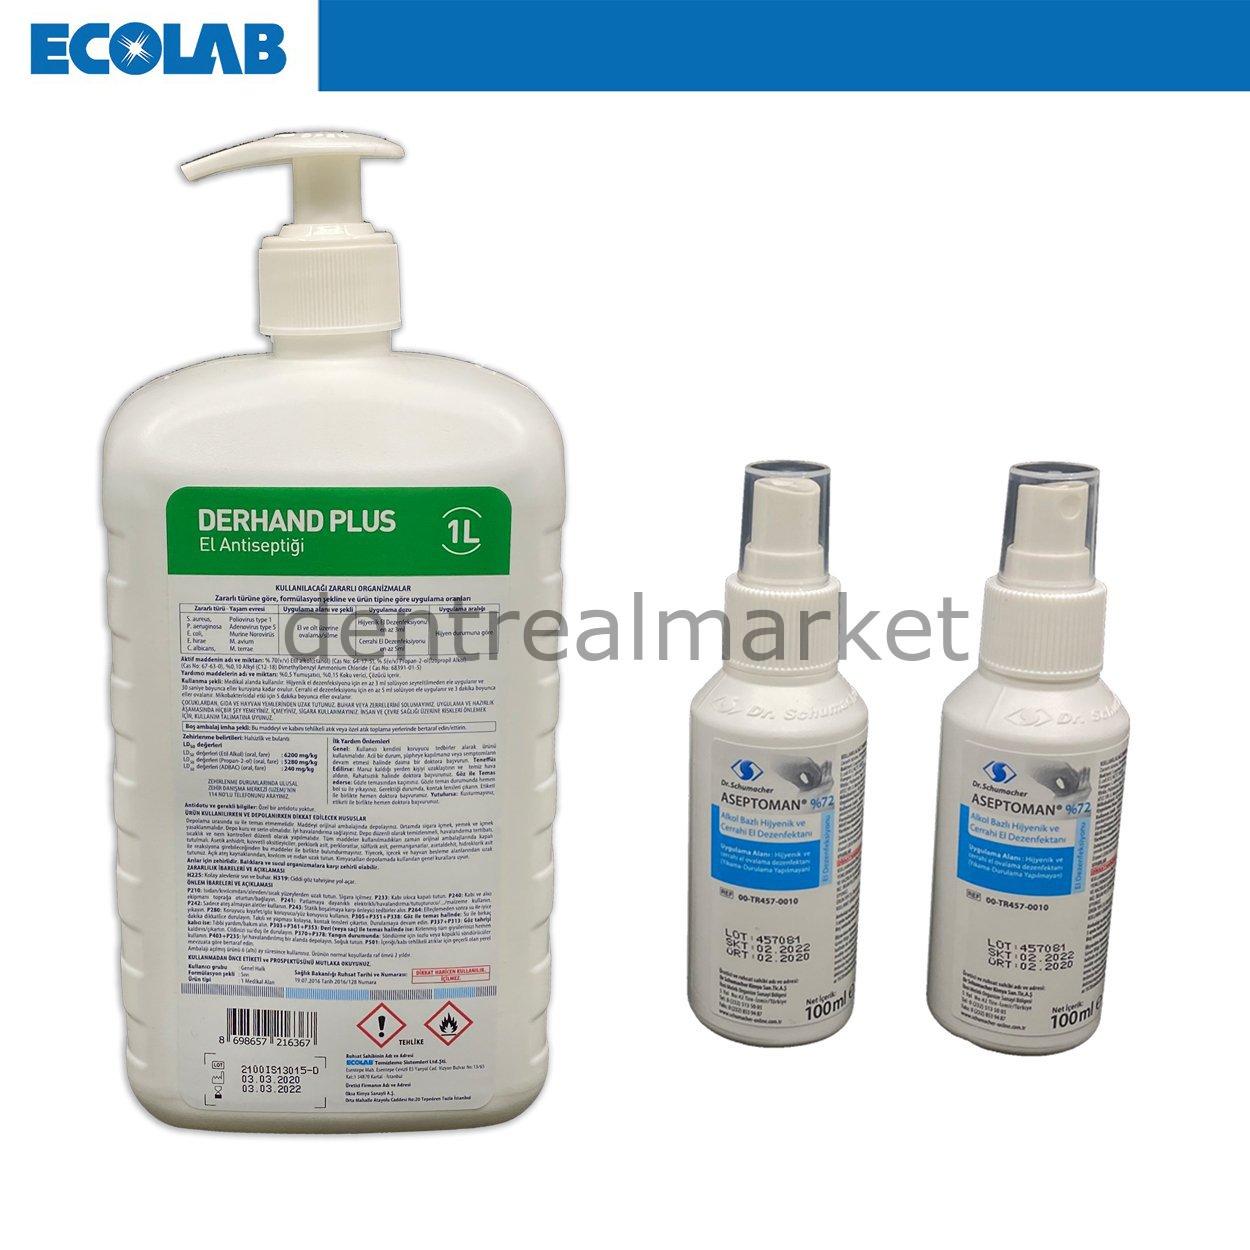 Derhand Plus 1 Lt + 2 Adet Aseptoman 100 ml El Dezenfektanı